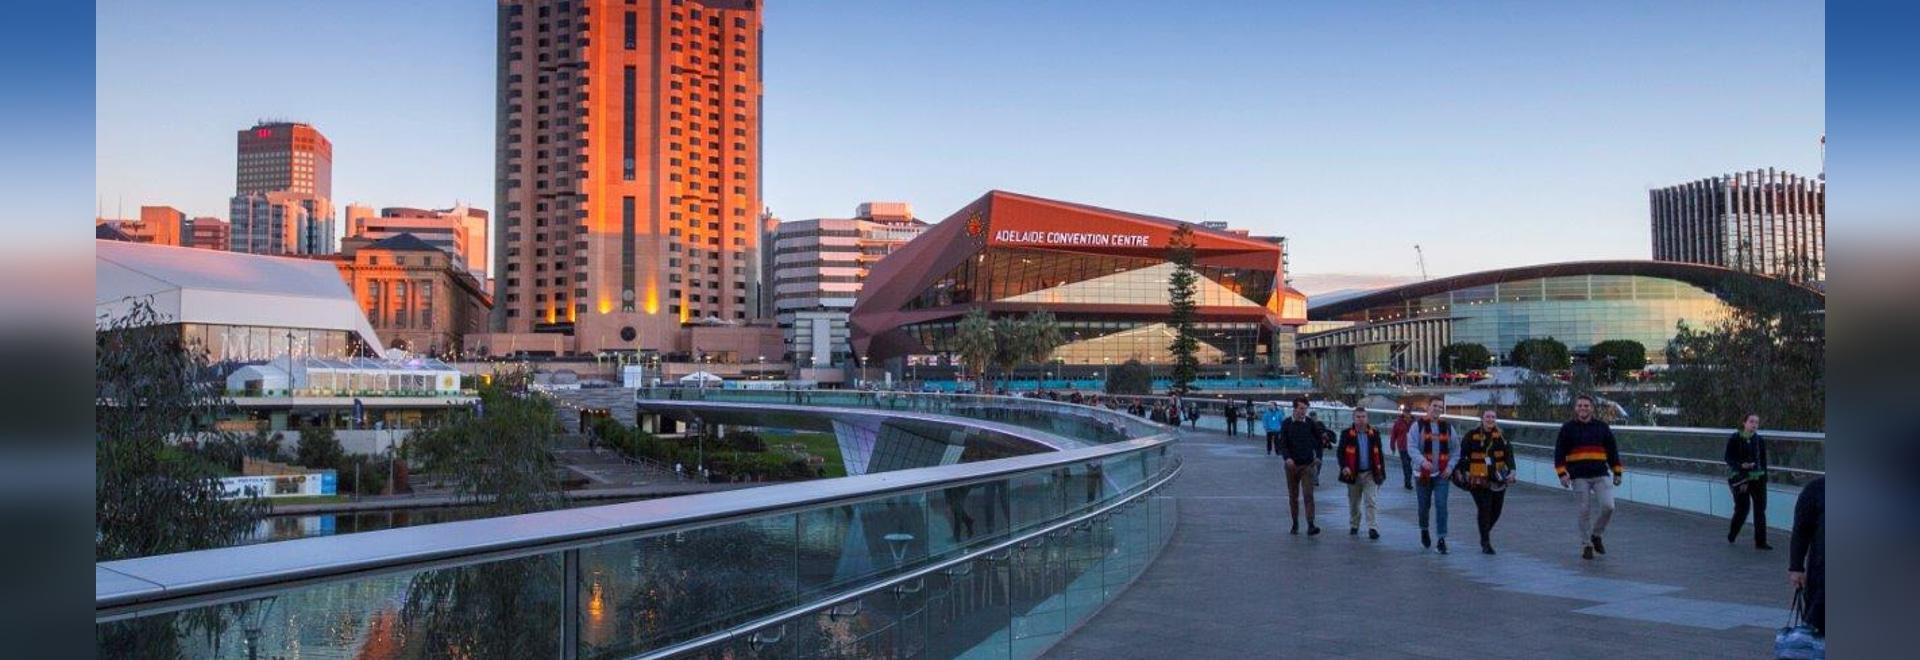 Centre de Convention d´Adélaide - elZinc Rainbow rouge